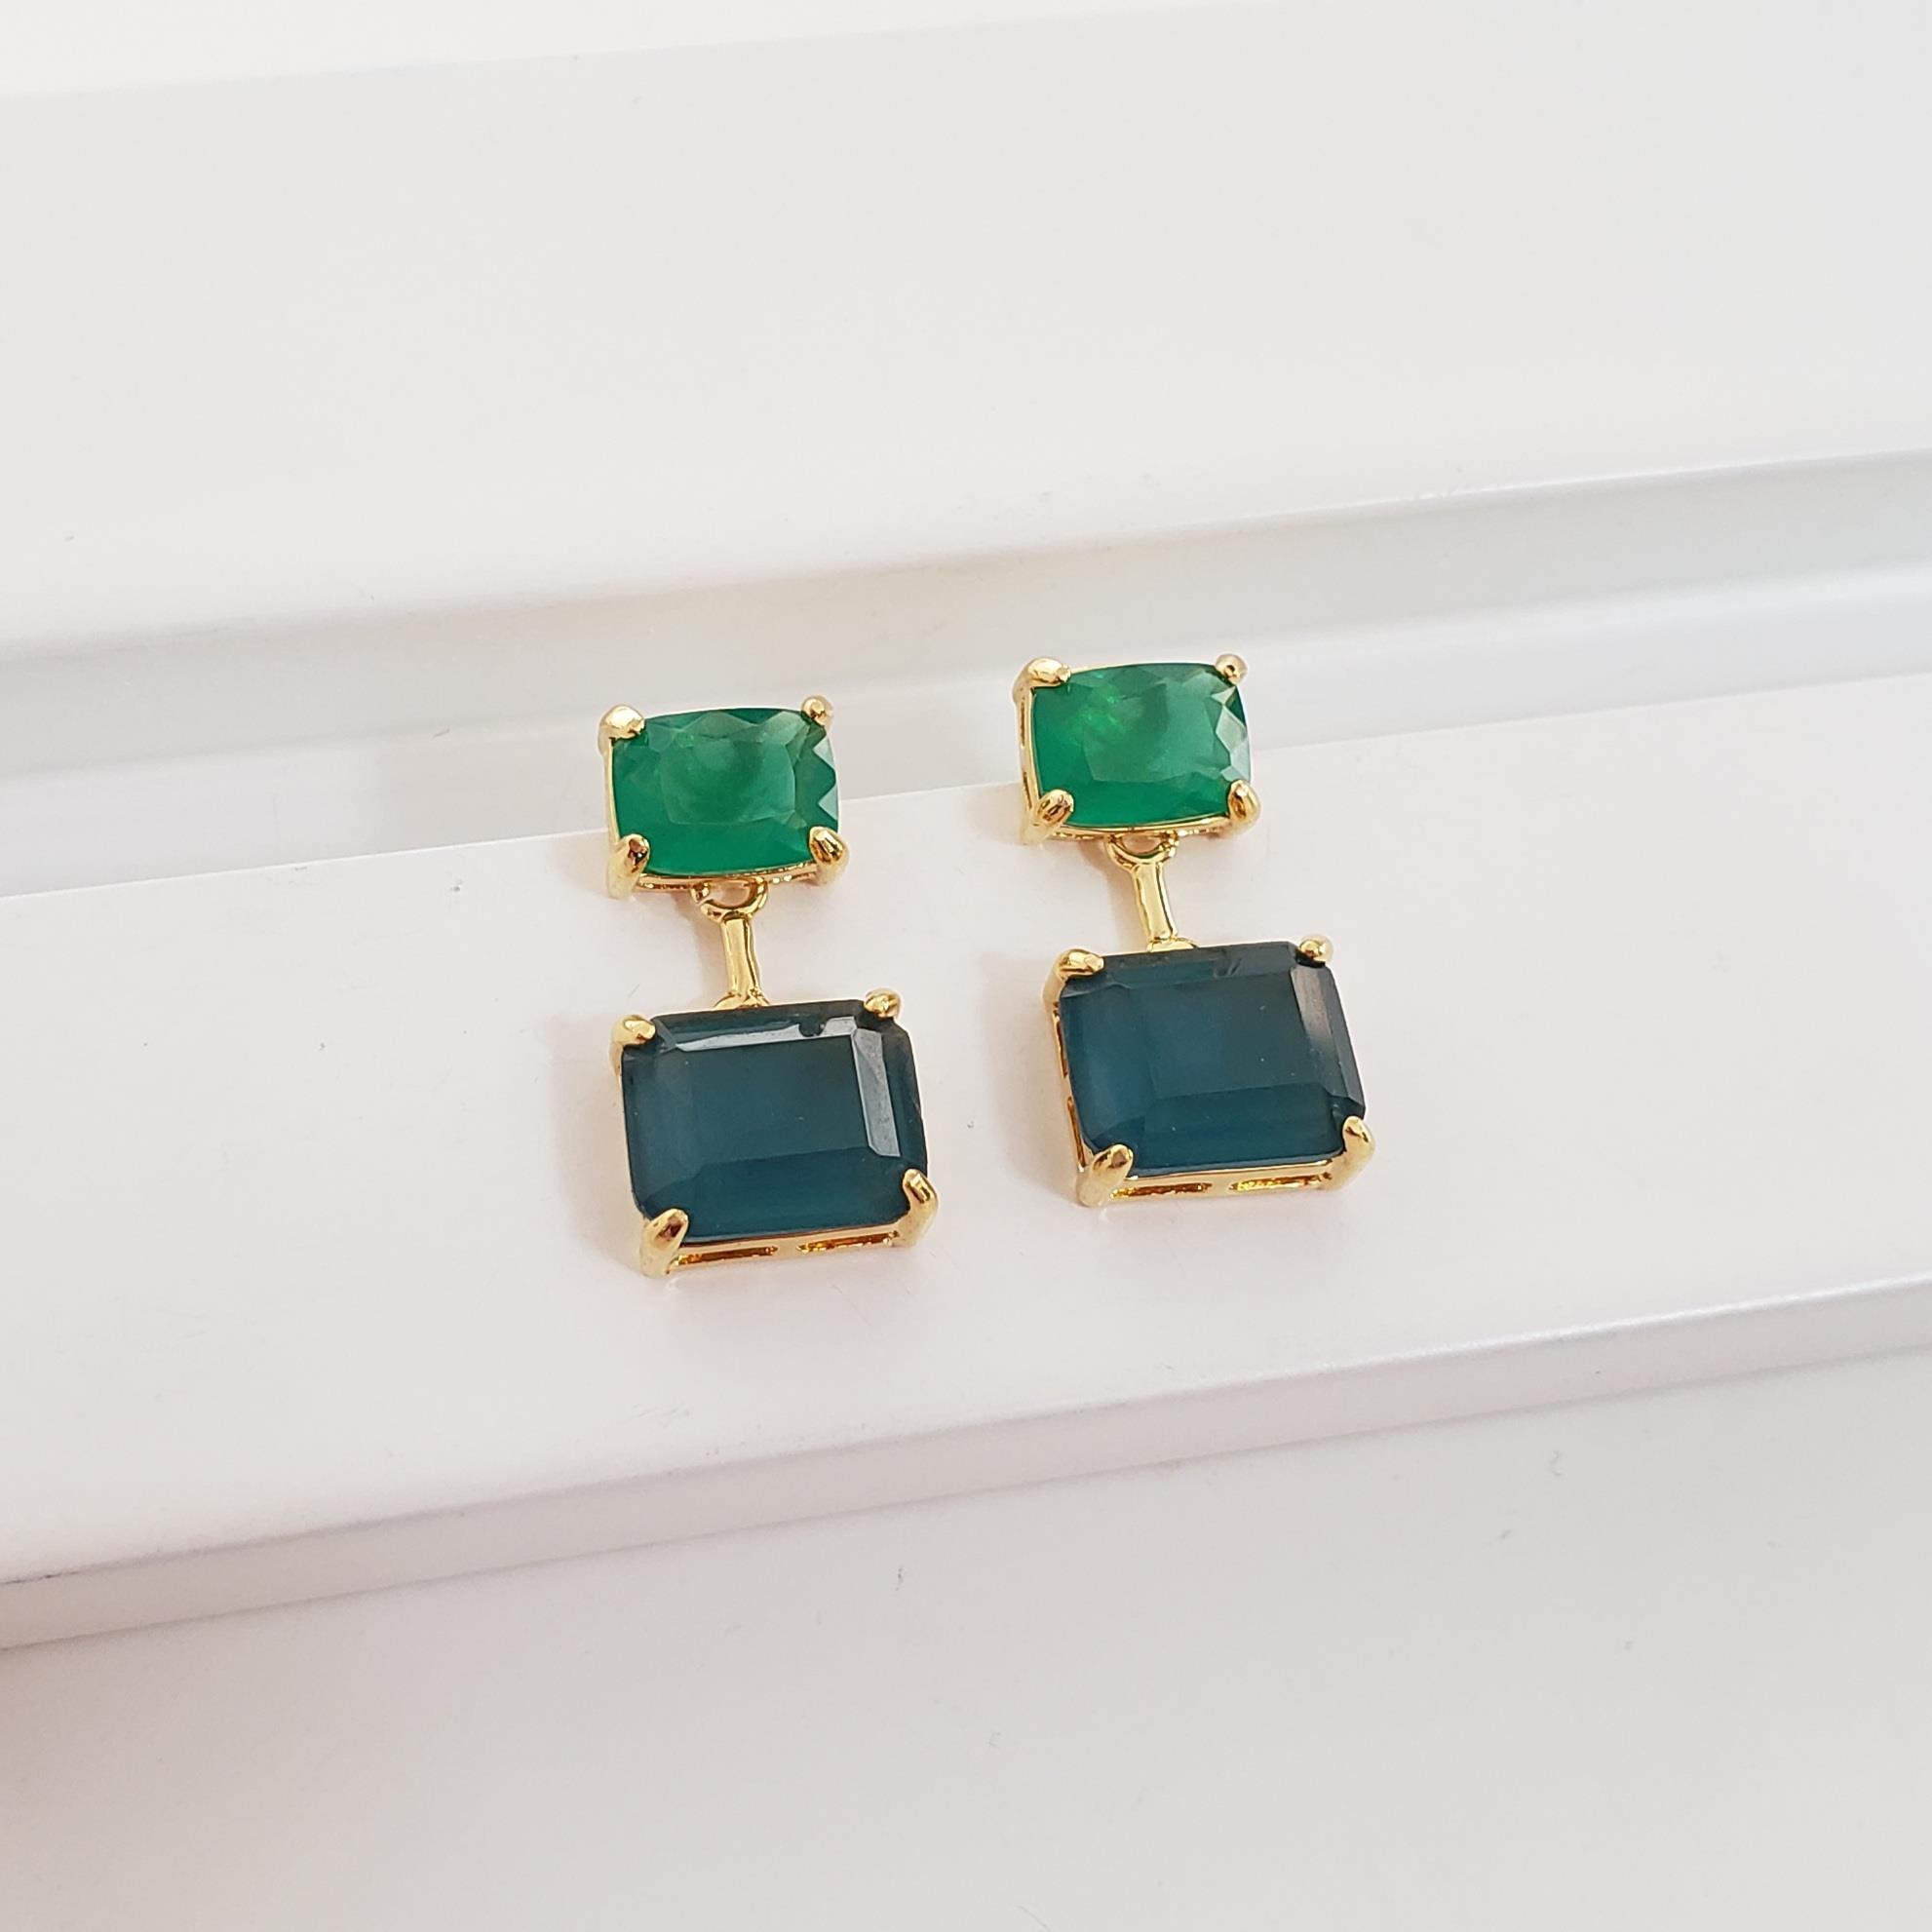 Brinco Base Antique 6x8 Verde com Retangulo 8x10 Cristal Azul no Banho Ouro 18k Semijoia